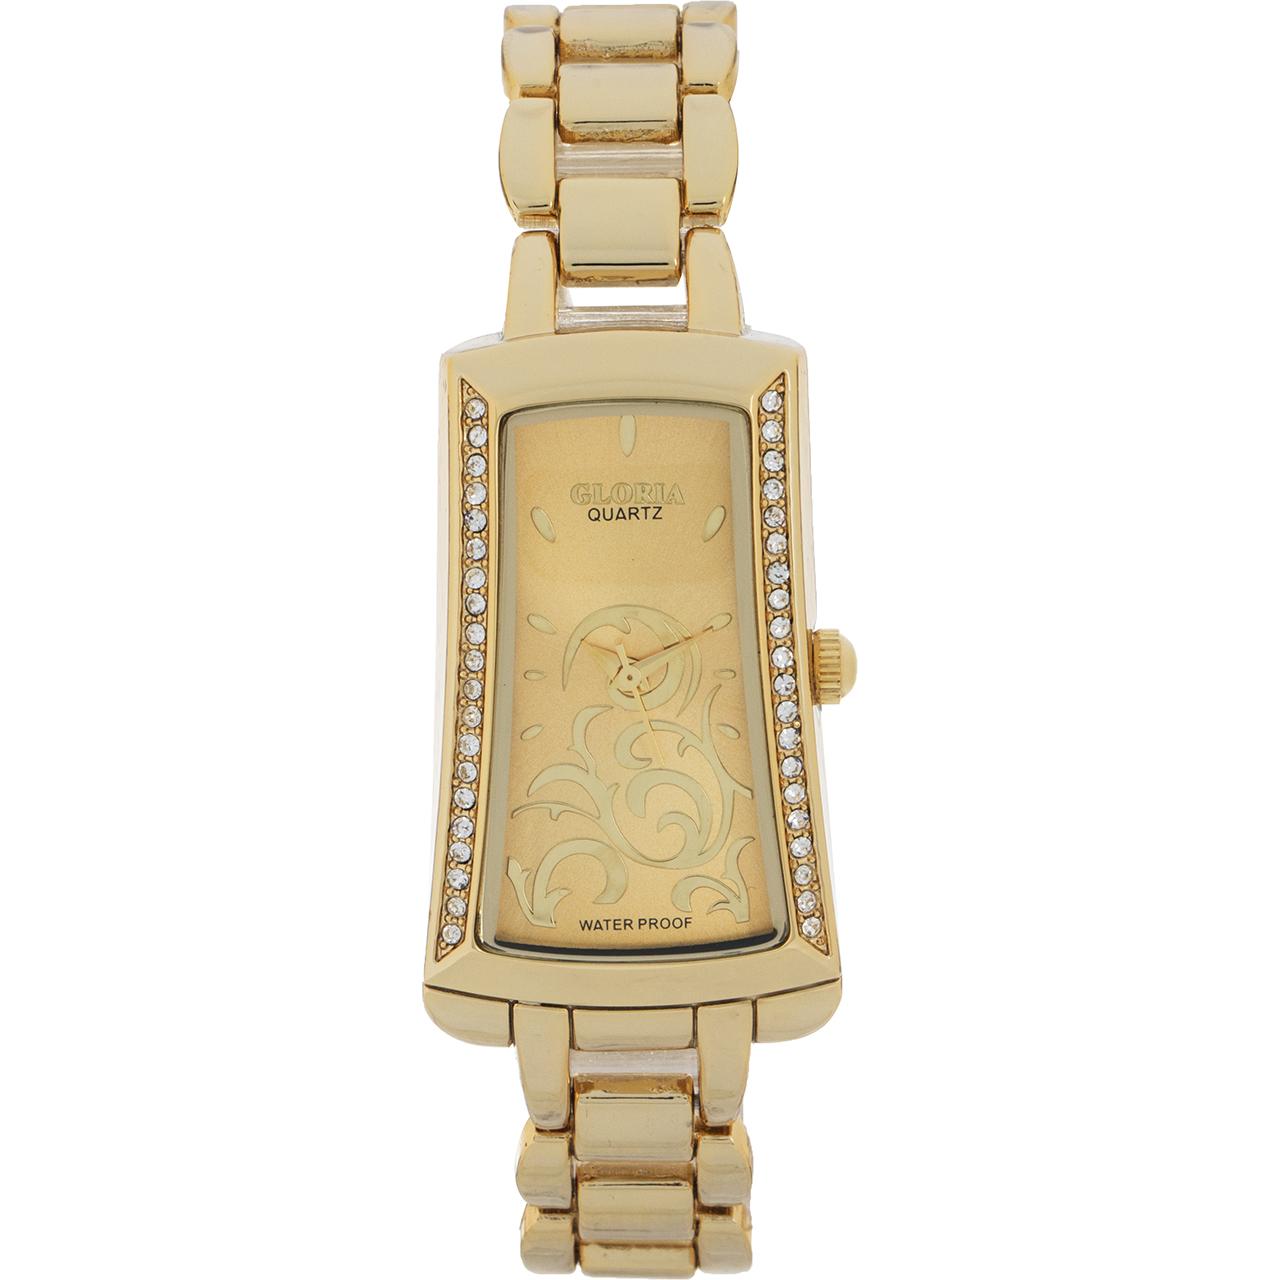 خرید ساعت مچی عقربه ای زنانه گلوریا مدل Radin